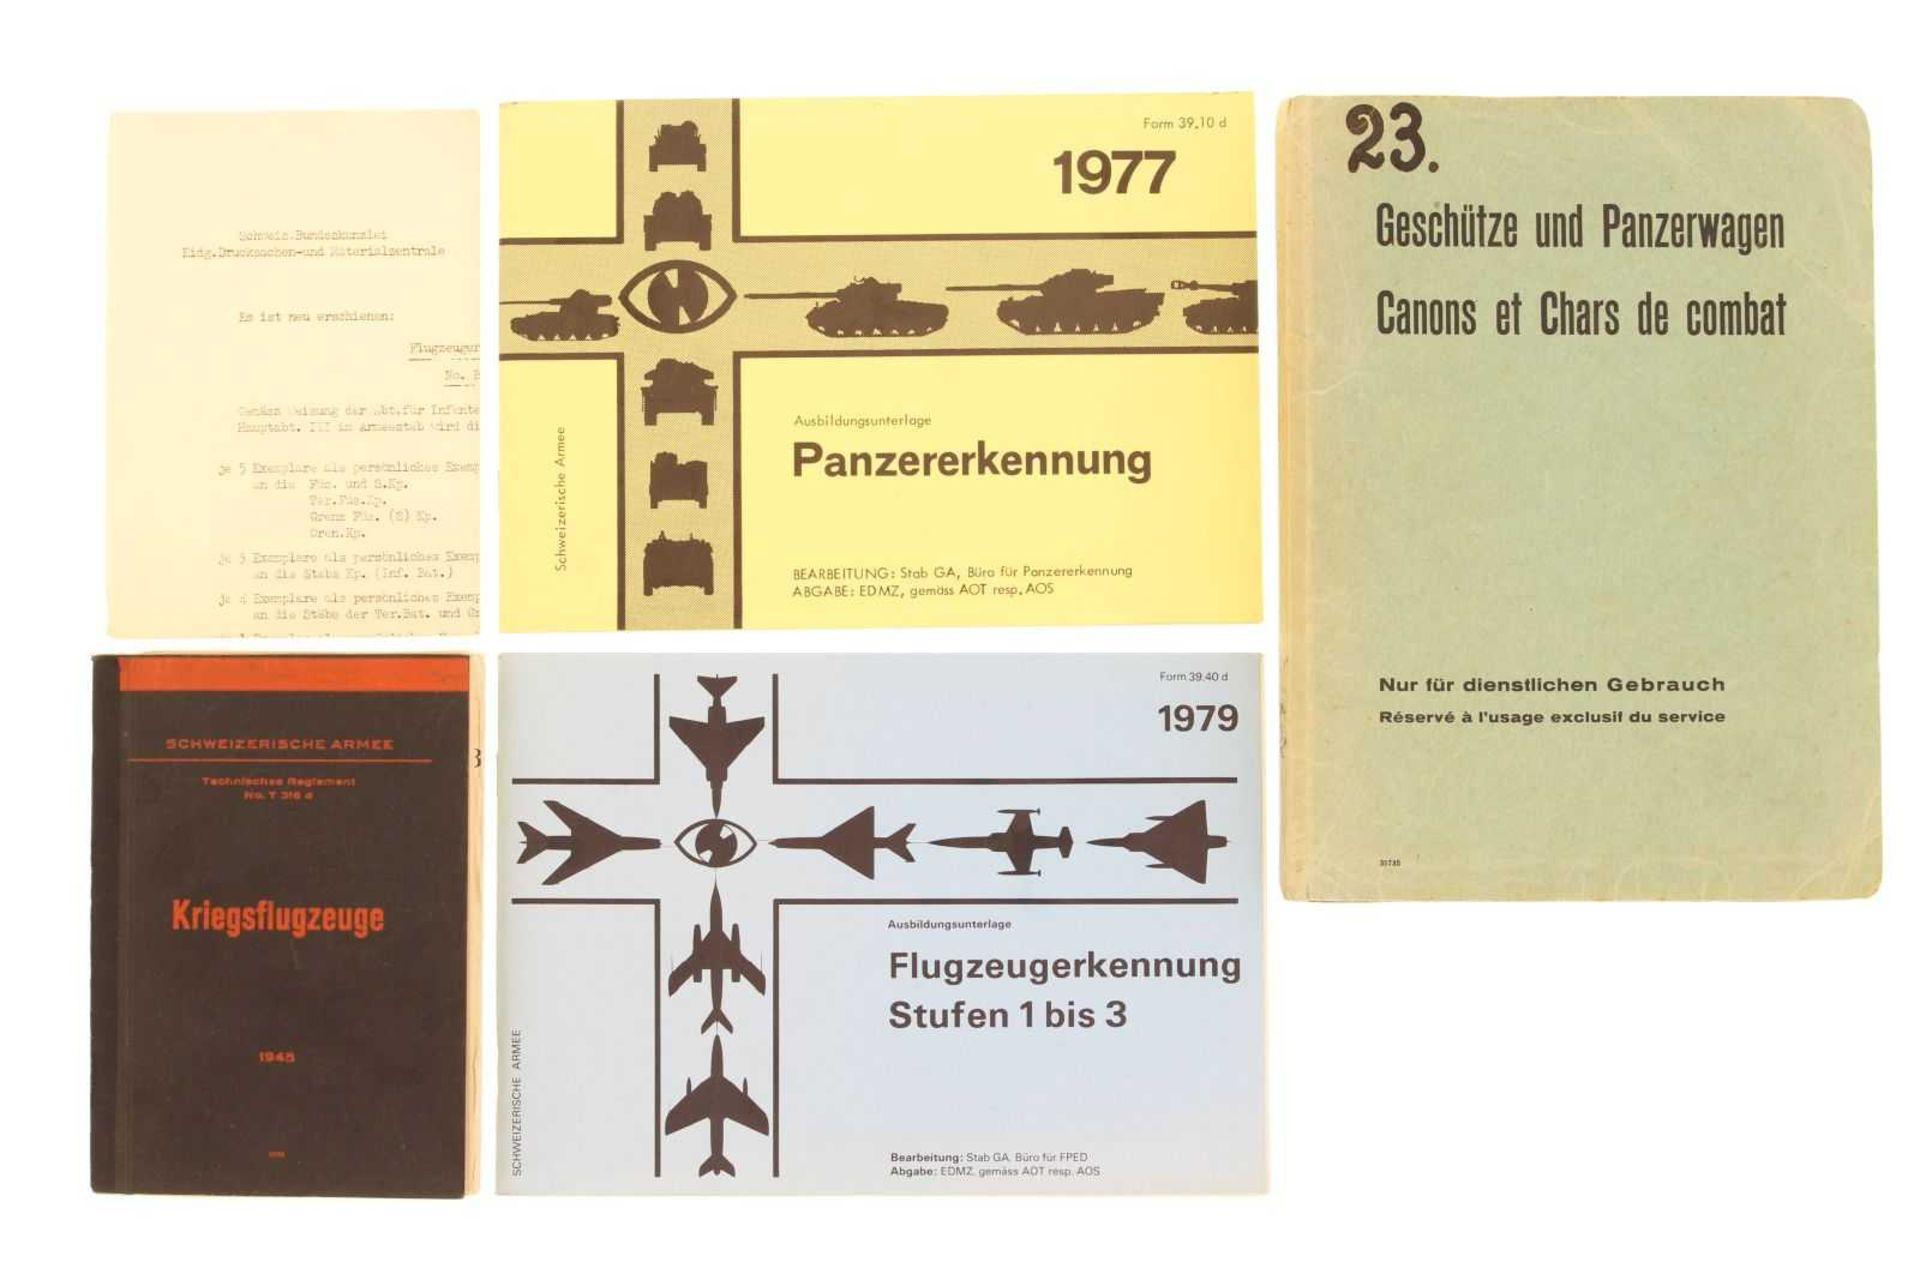 Konvolut von 4 Reglementen zur Panzer- und Flugzeugerkennung 1. Geschütze, Tanks, Panzerwagen der